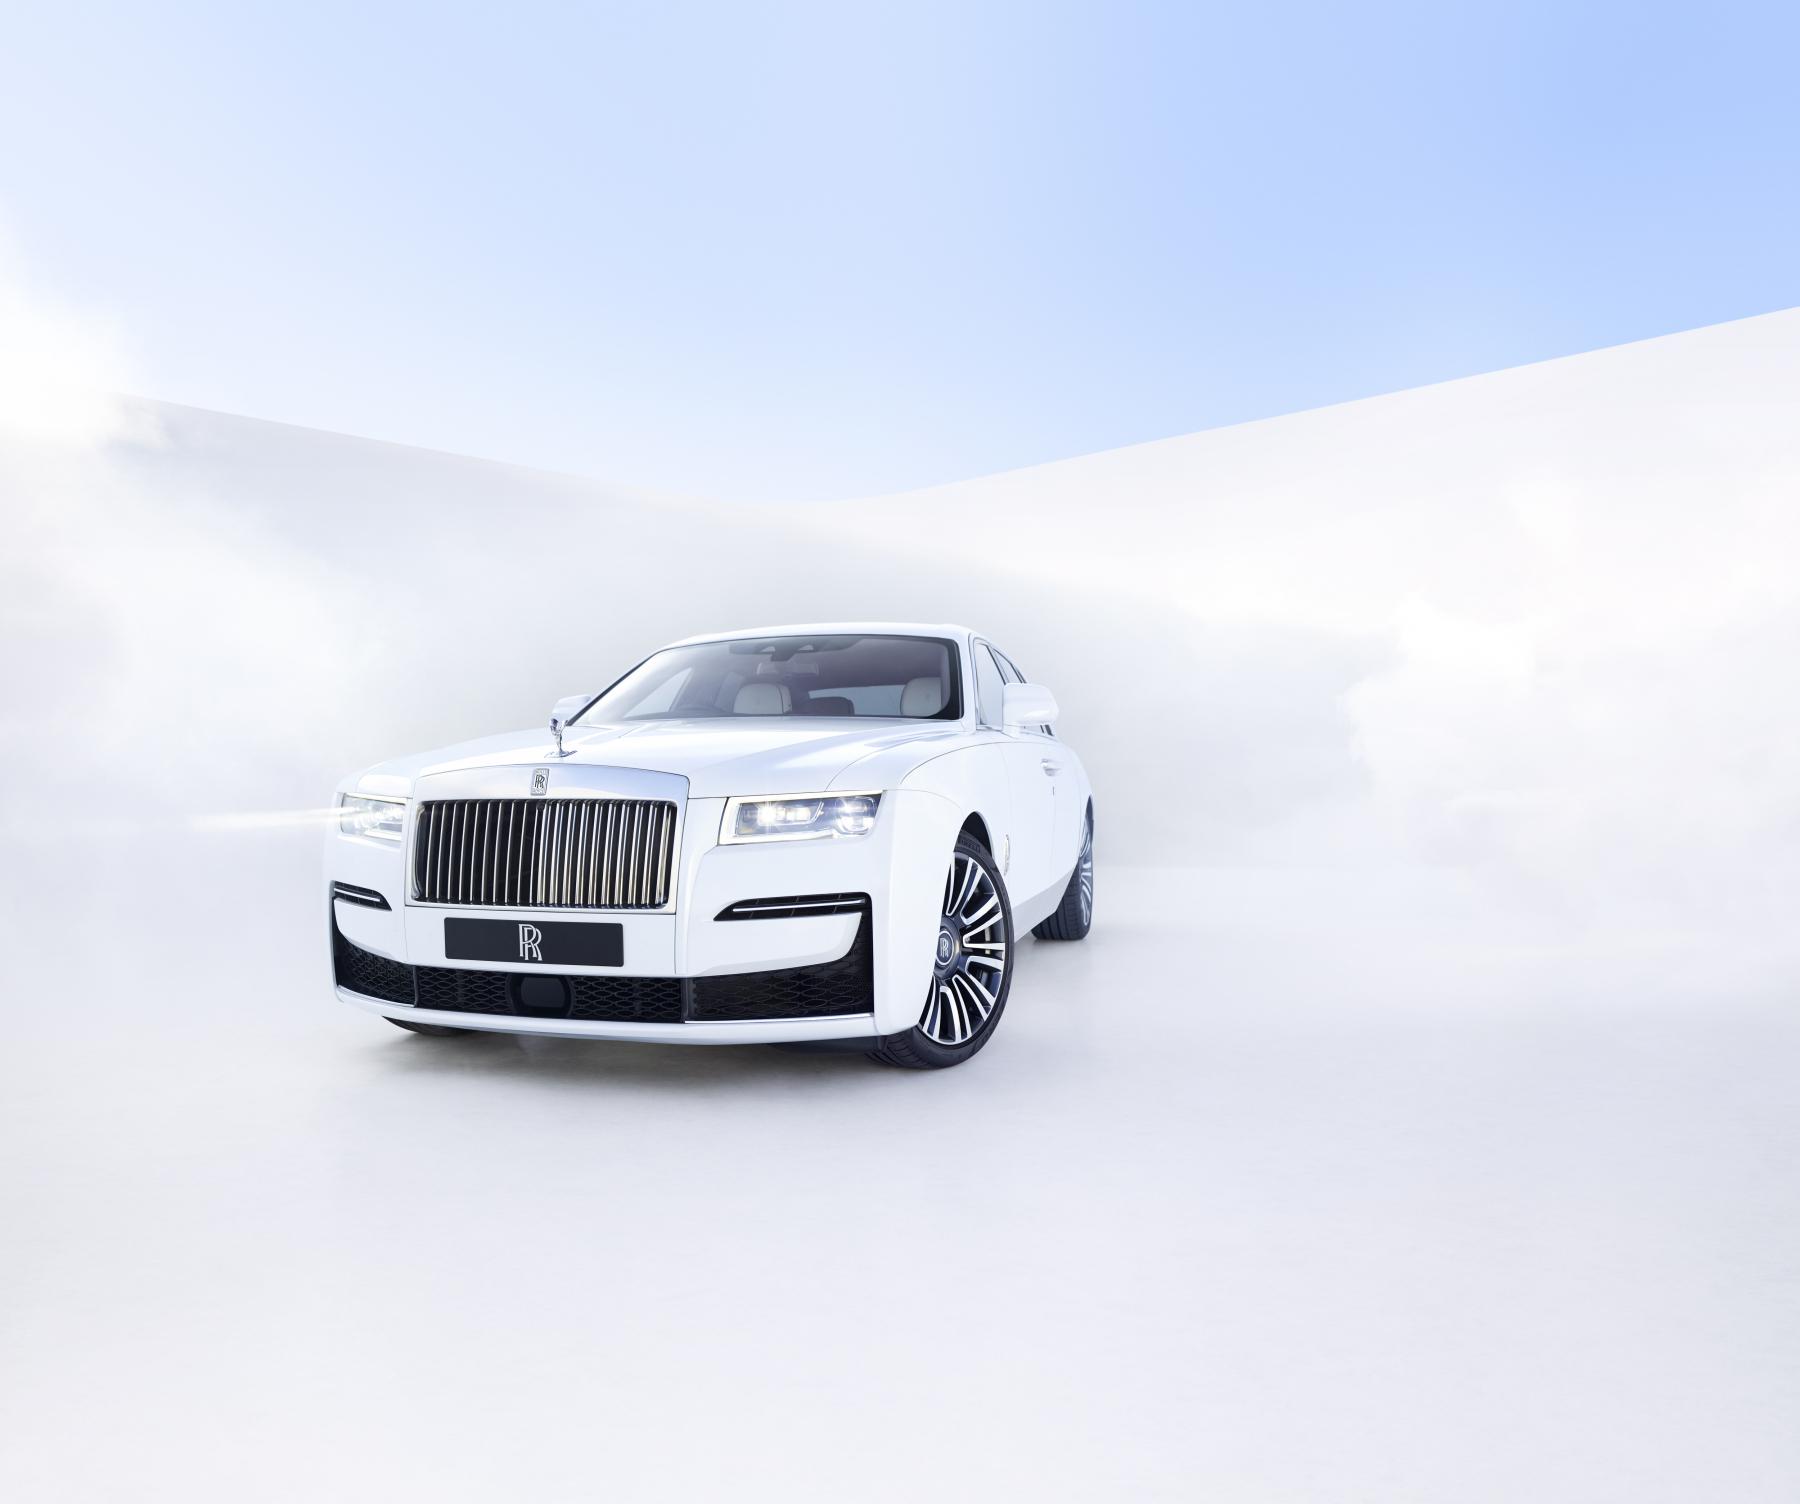 Bajado del cosmos: Rolls-Royce Ghost, el más tecnológicamente avanzado